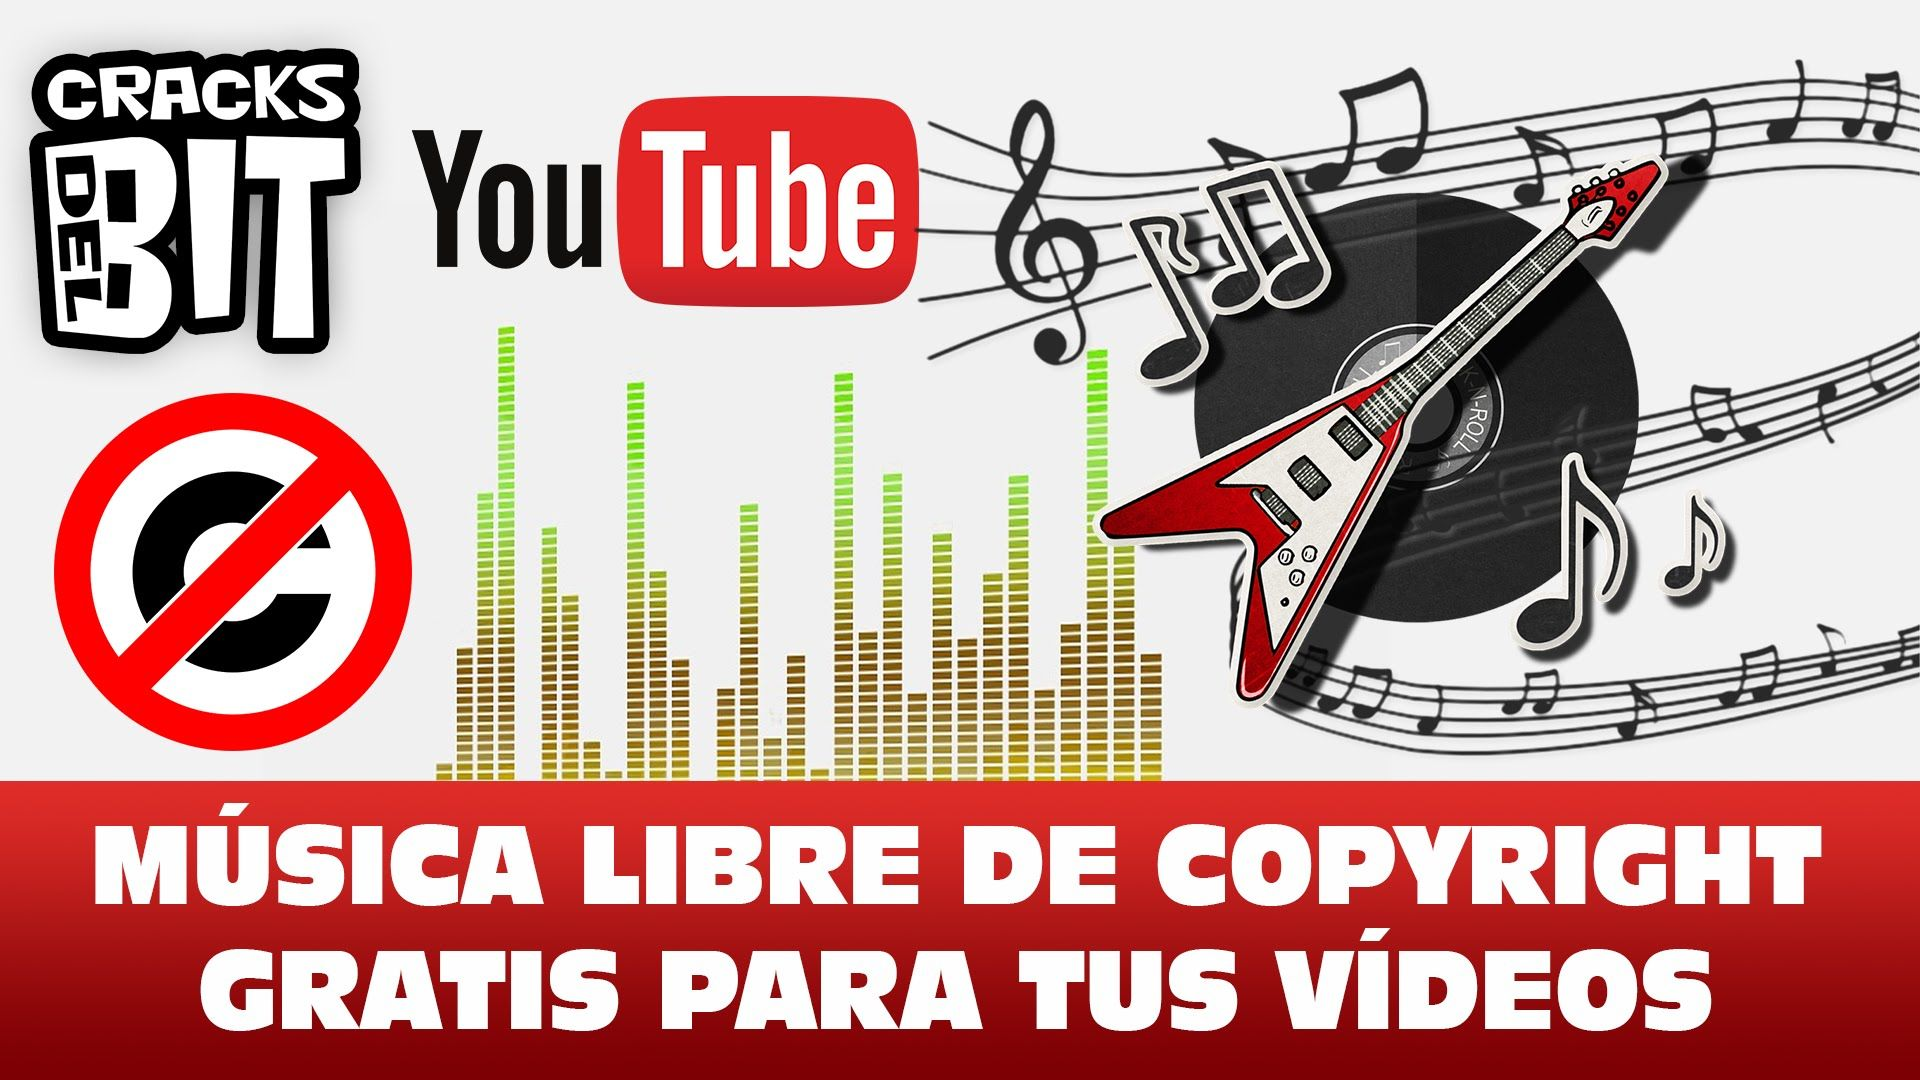 Música Sin Copyright Para Tus Vídeos Dónde Conseguirla Y Cómo Descargarla Gratis Y Legal 2016 Libros De Música Musica Videos